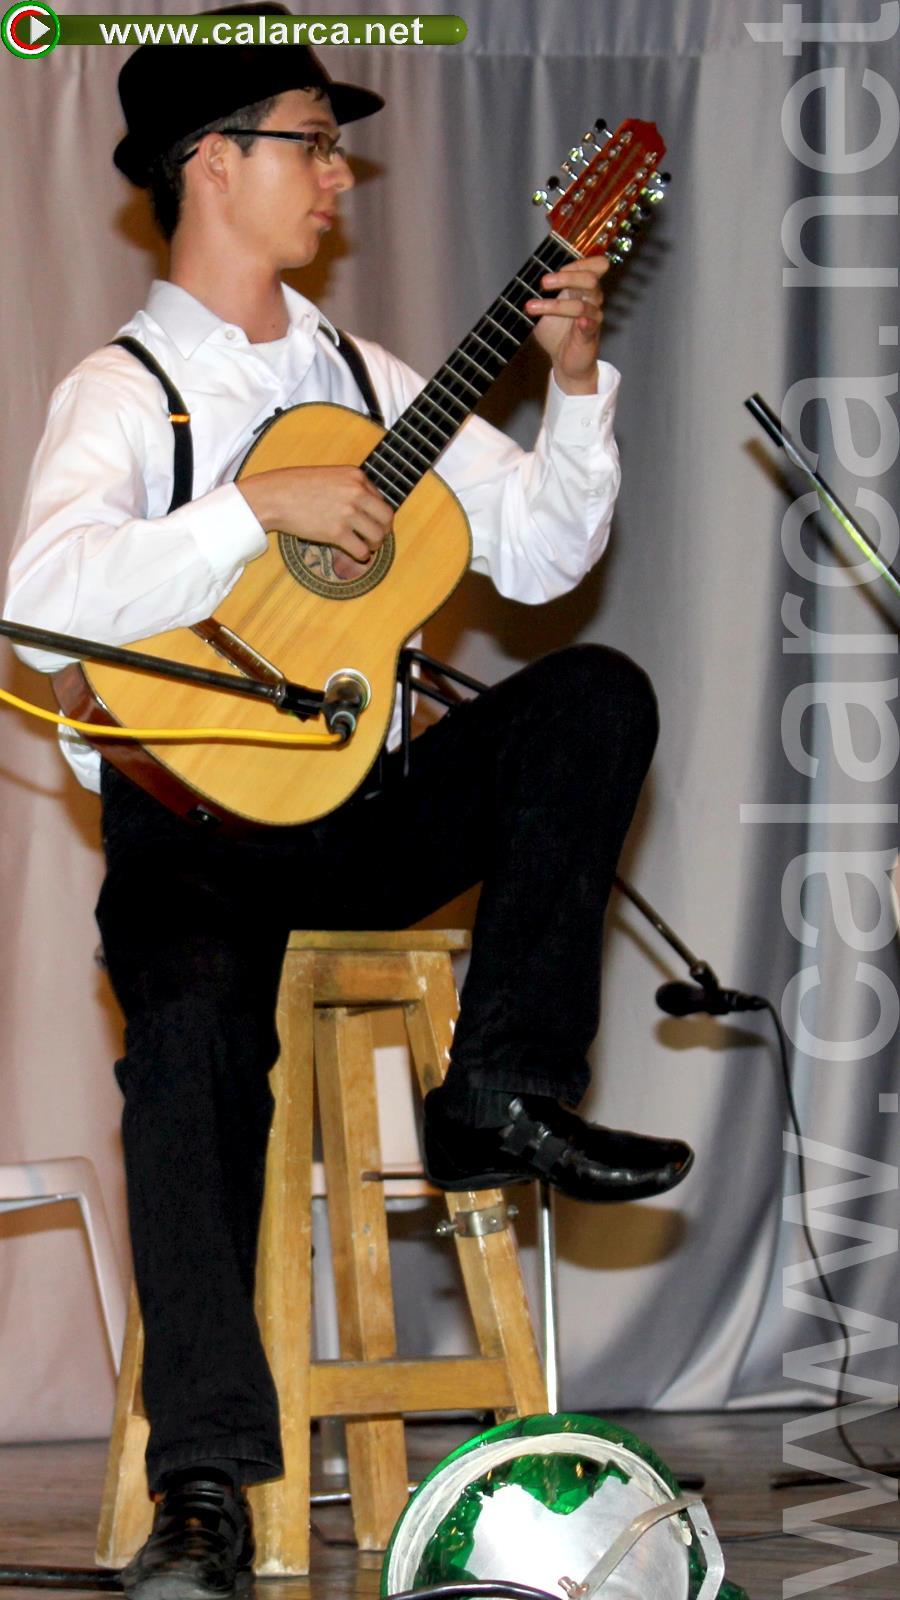 David Fernando Ocampo